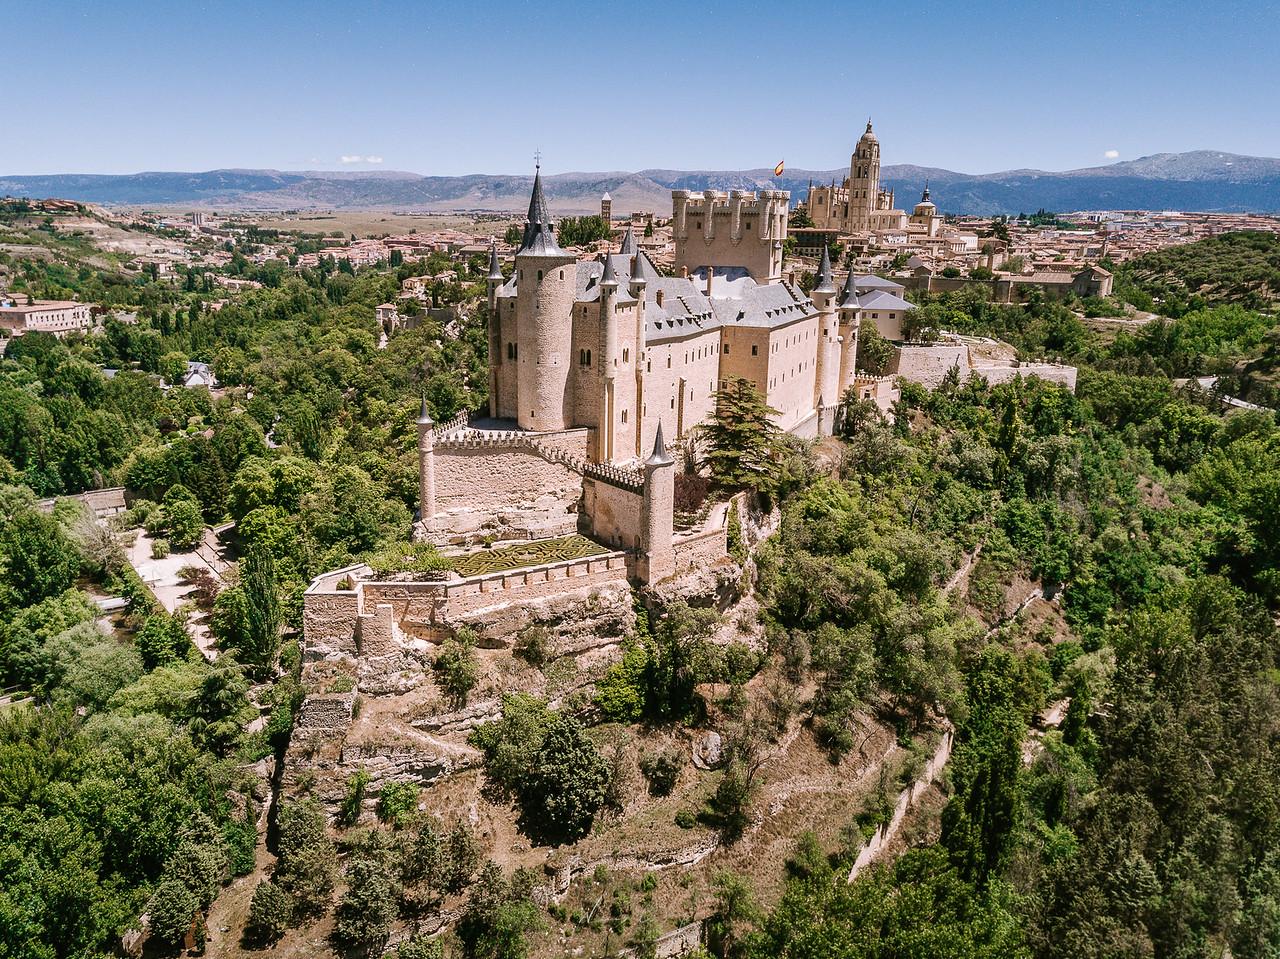 城堡 教堂 水道橋 西班牙賽哥維亞 by 旅行攝影師張威廉 Wilhelm Chang